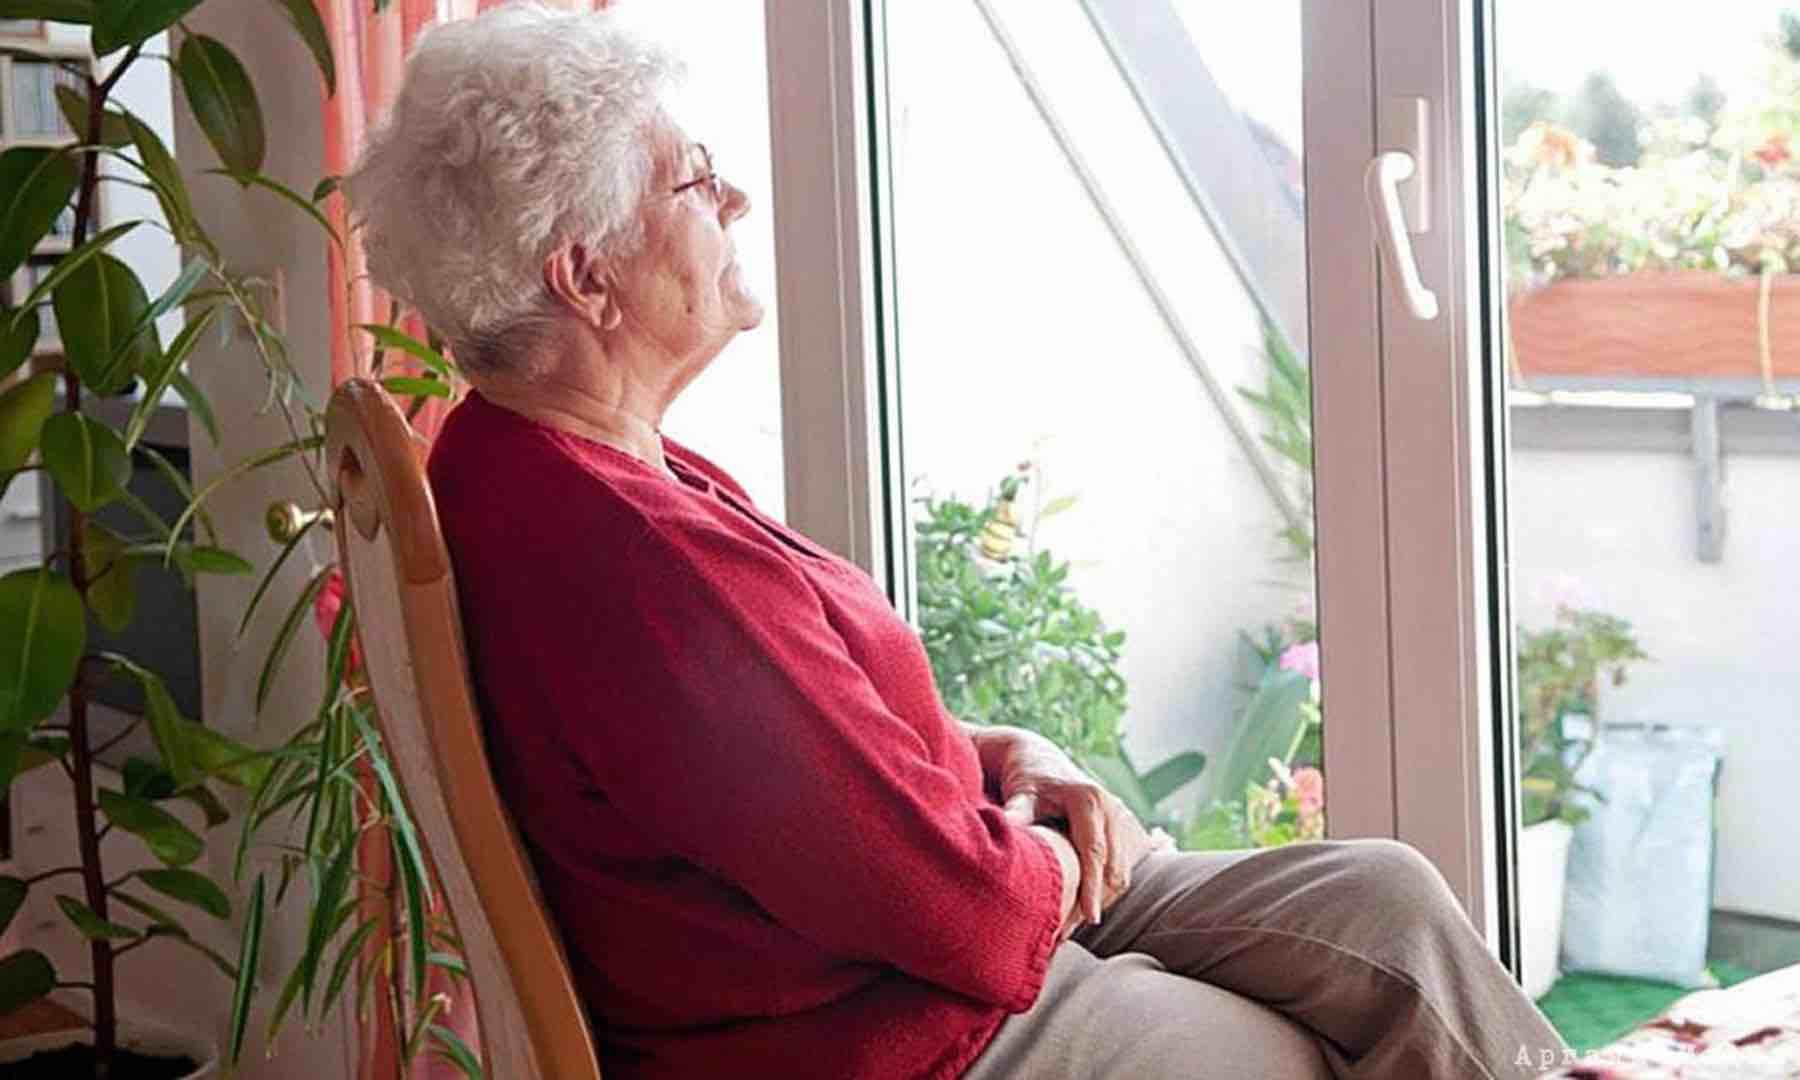 Компенсация для пенсионеров за коронавирус: кто может рассчитывать, как будут производиться выплаты